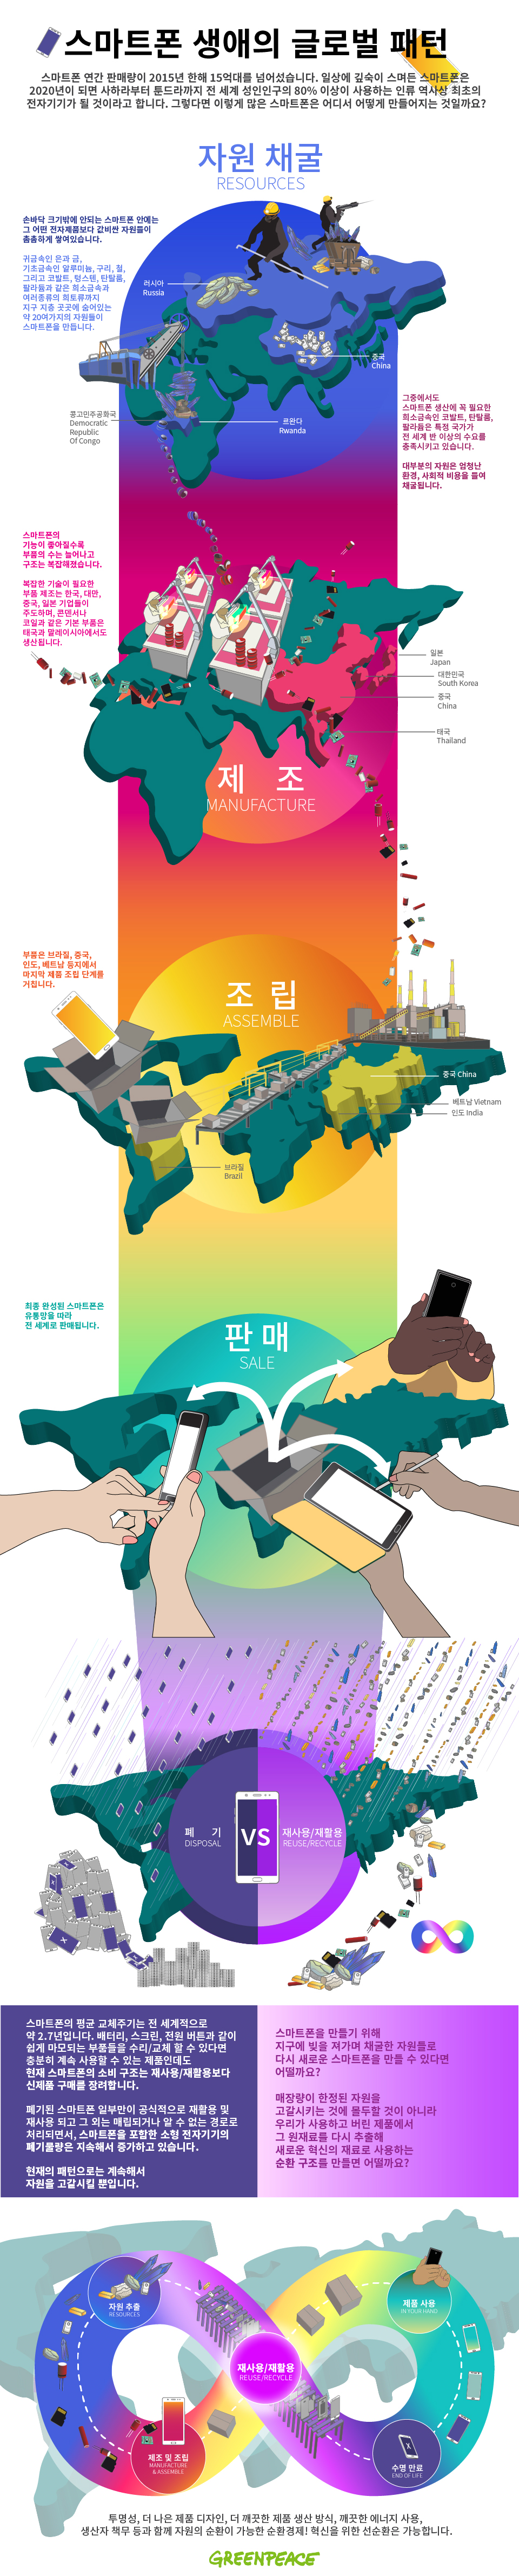 [인포그래픽] 스마트폰 생애의 글로벌 패턴